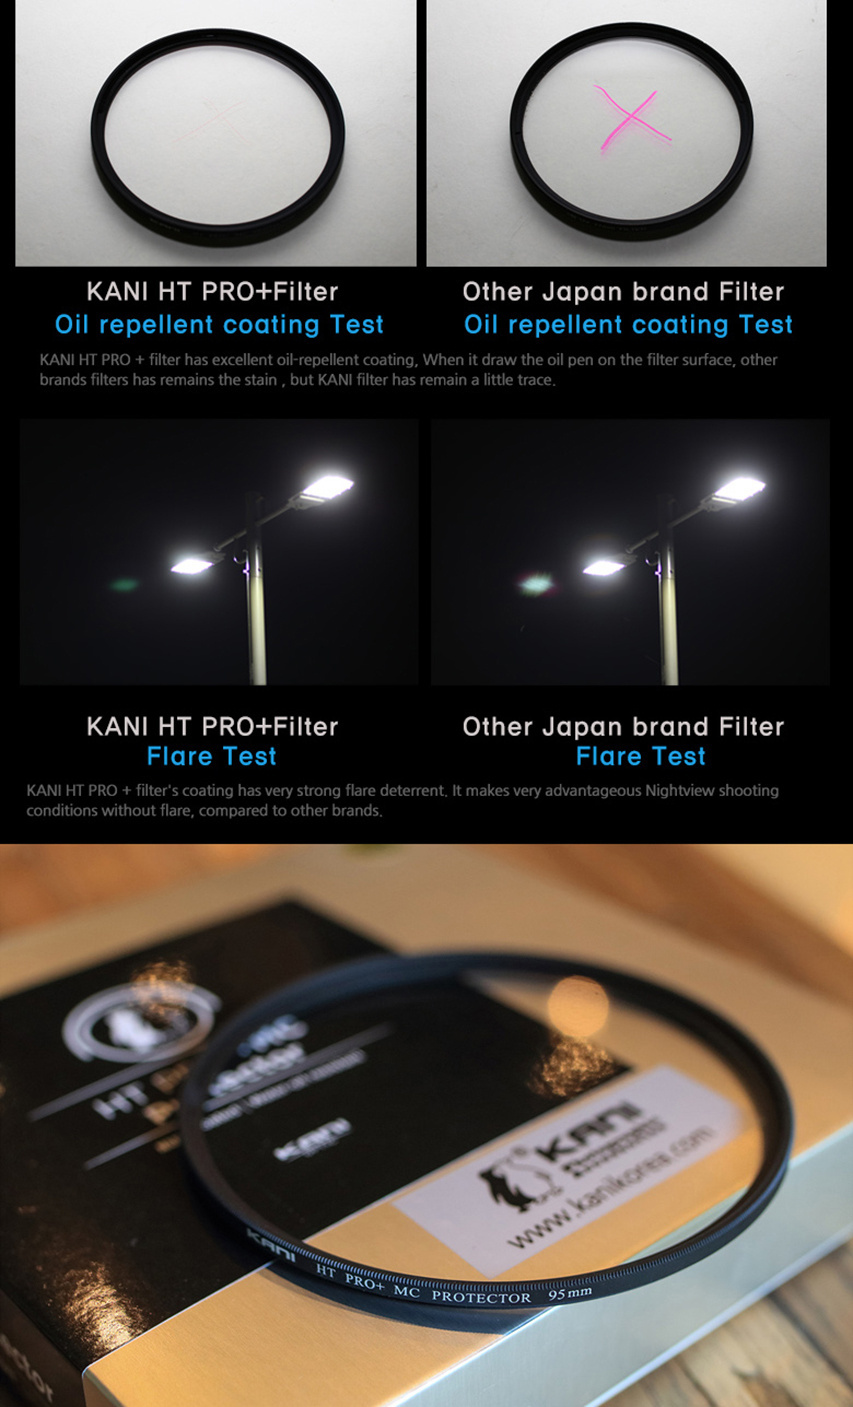 267938_des03_kani_filter_ht_pro_mc_prote